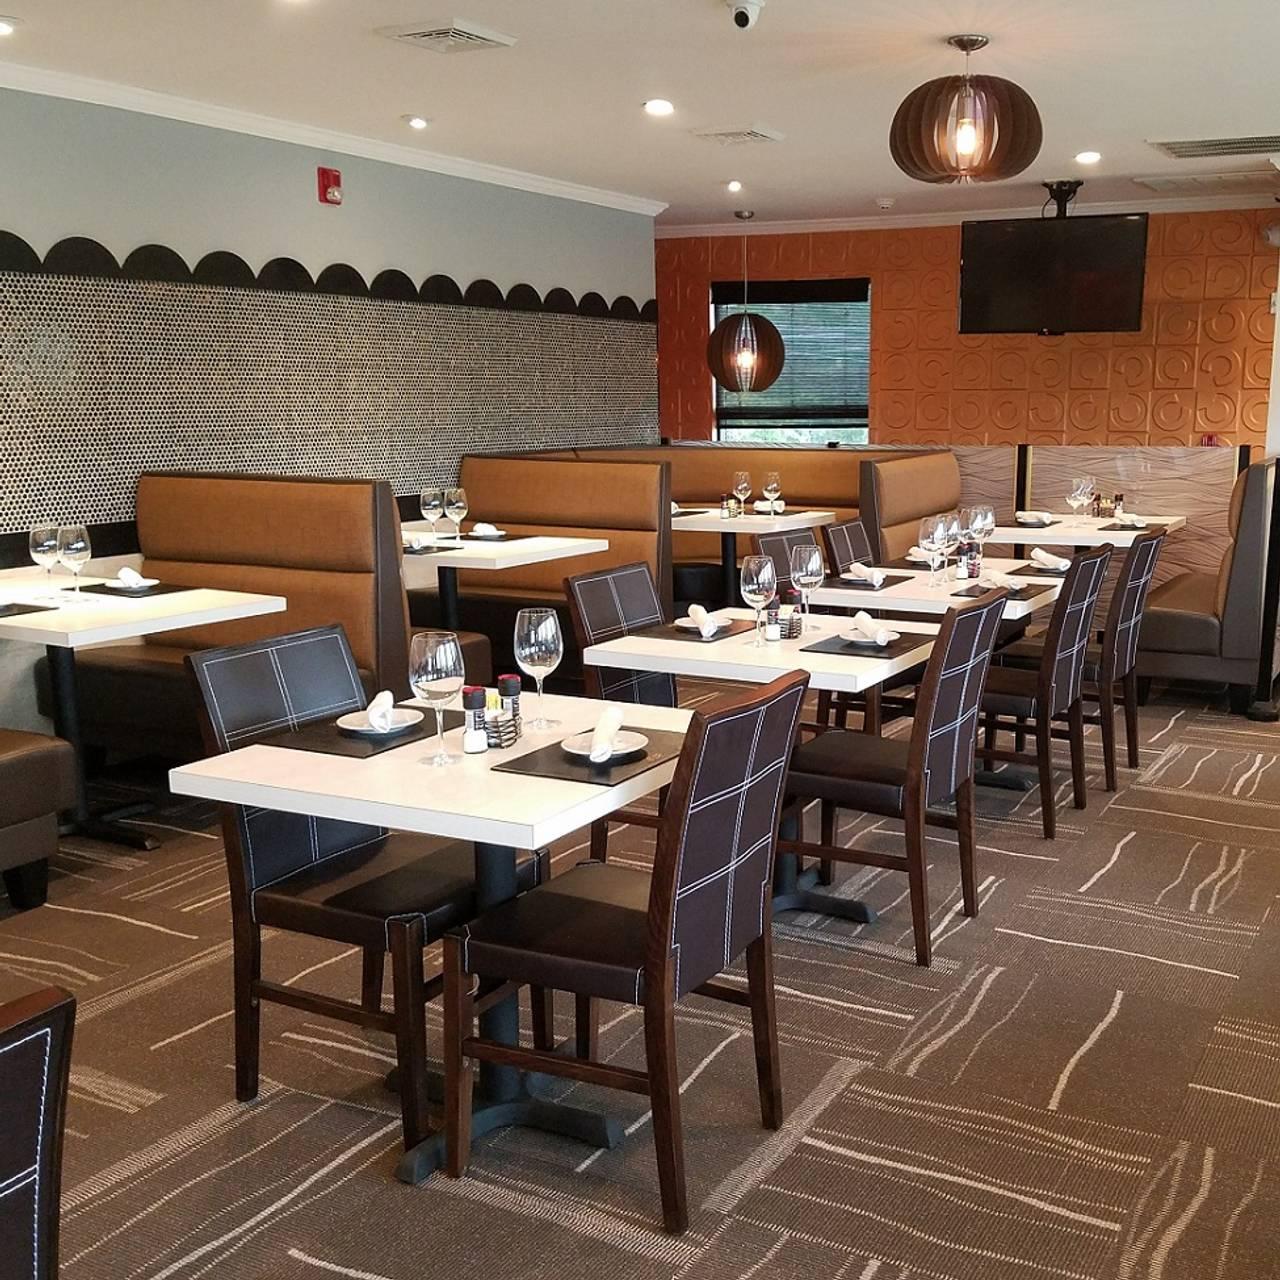 Vivo Italian Kitchen Restaurant Allentown Pa Opentable